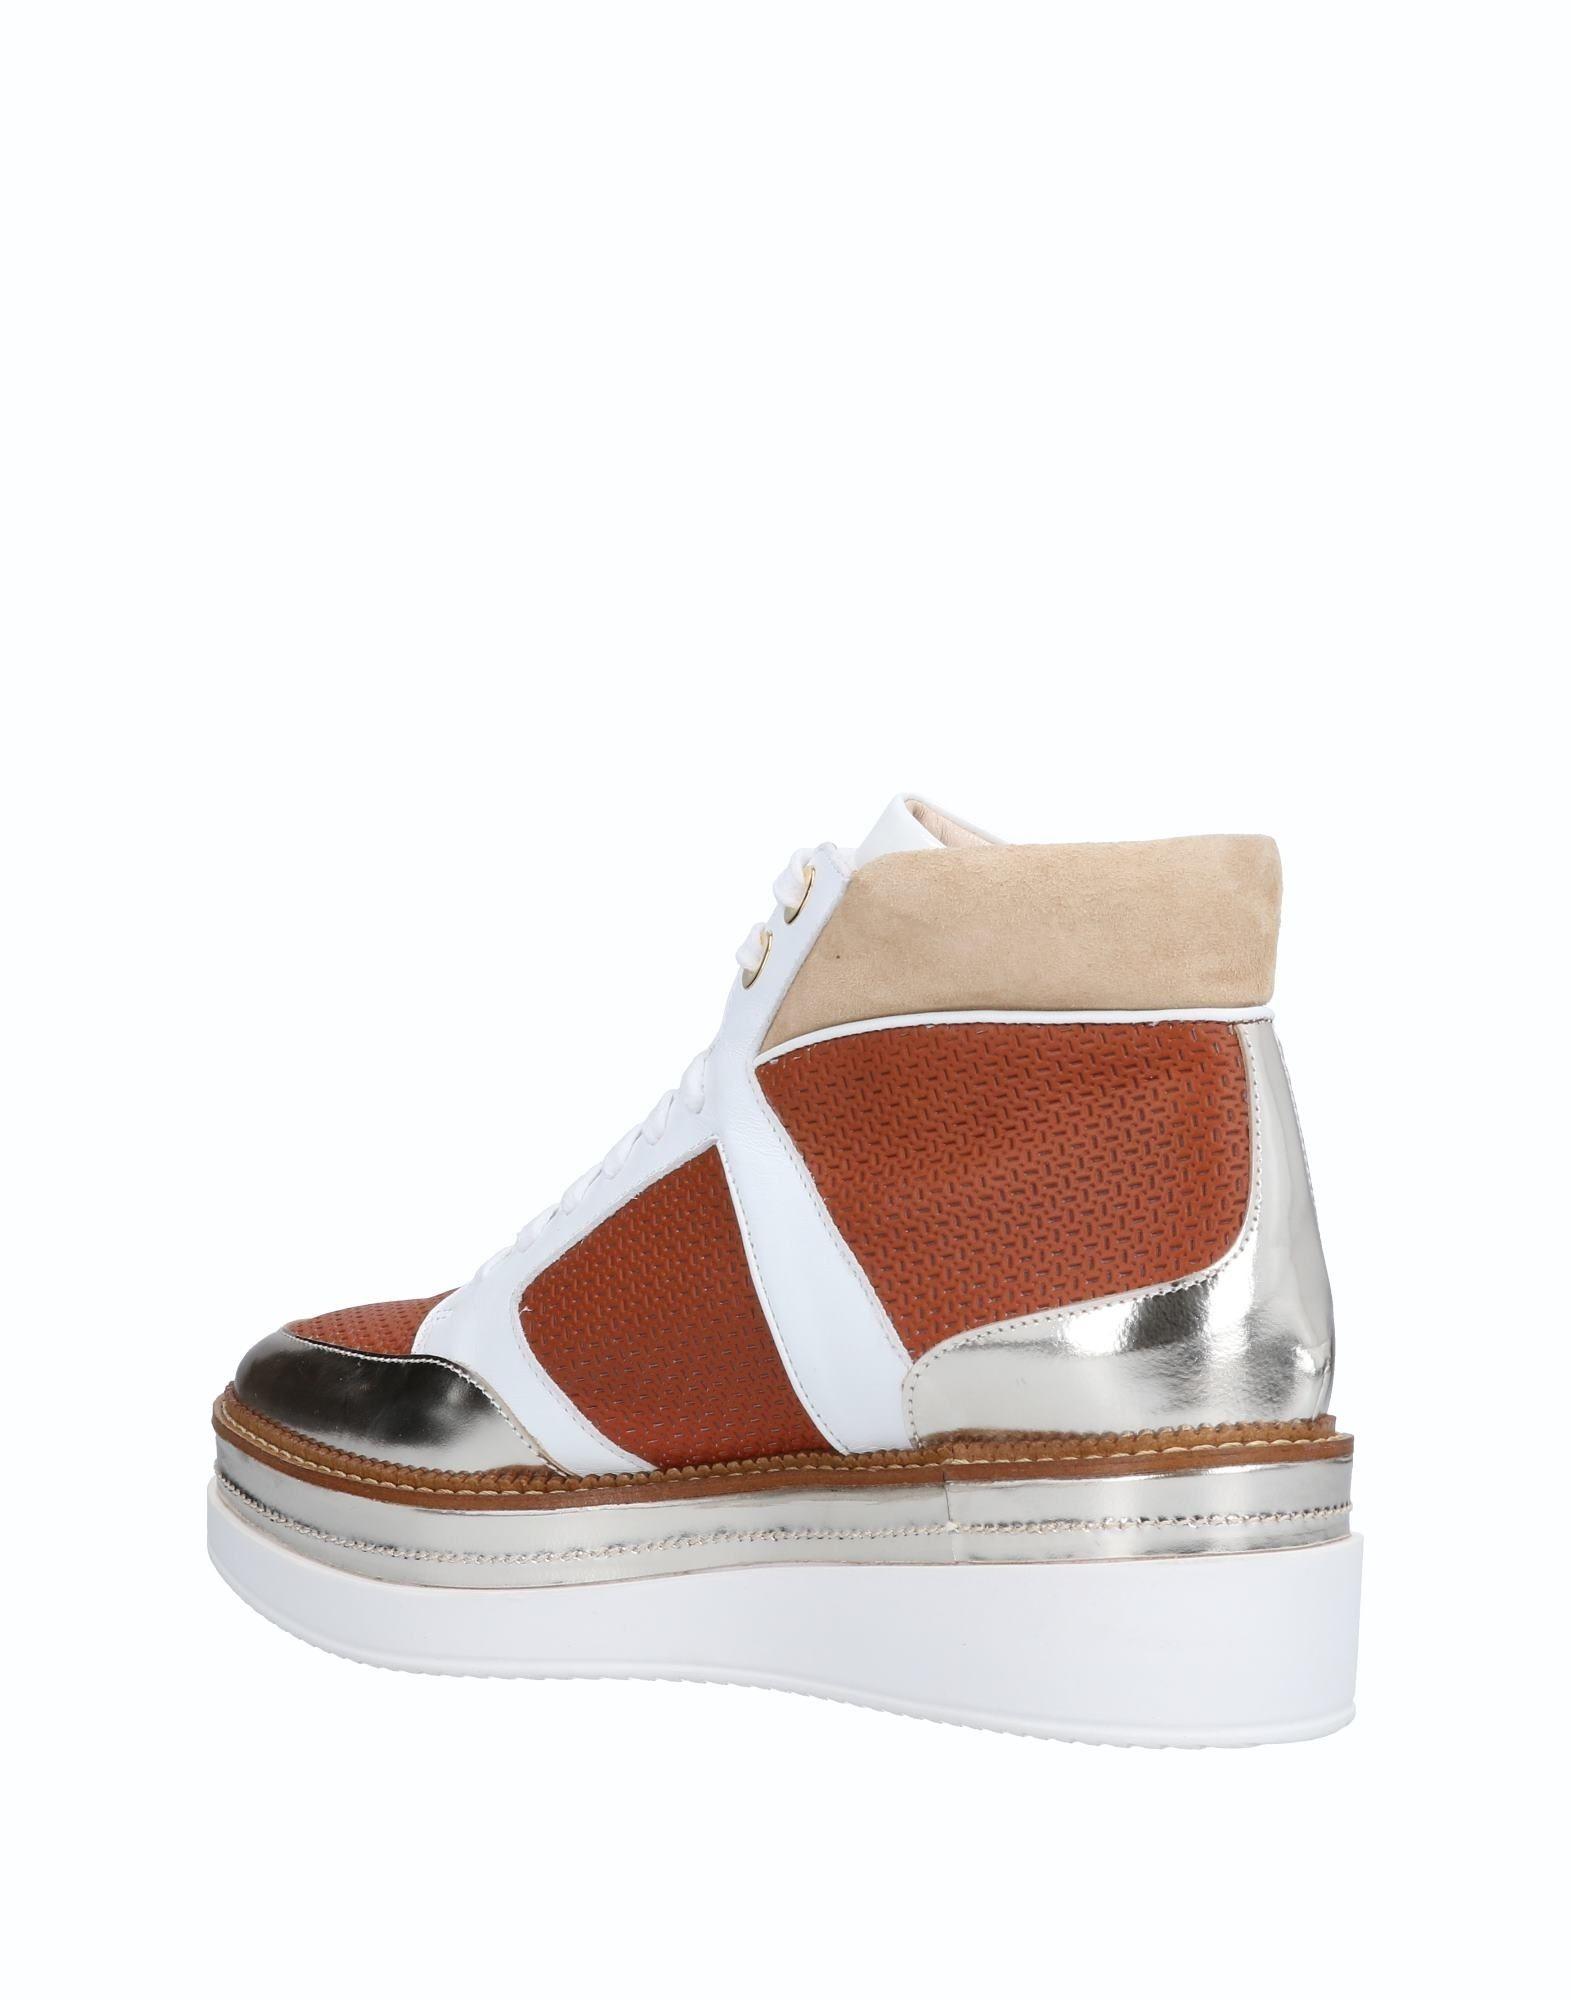 Stilvolle billige Schuhe Damen Guido Sgariglia Sneakers Damen Schuhe  11501487CS 3866ca